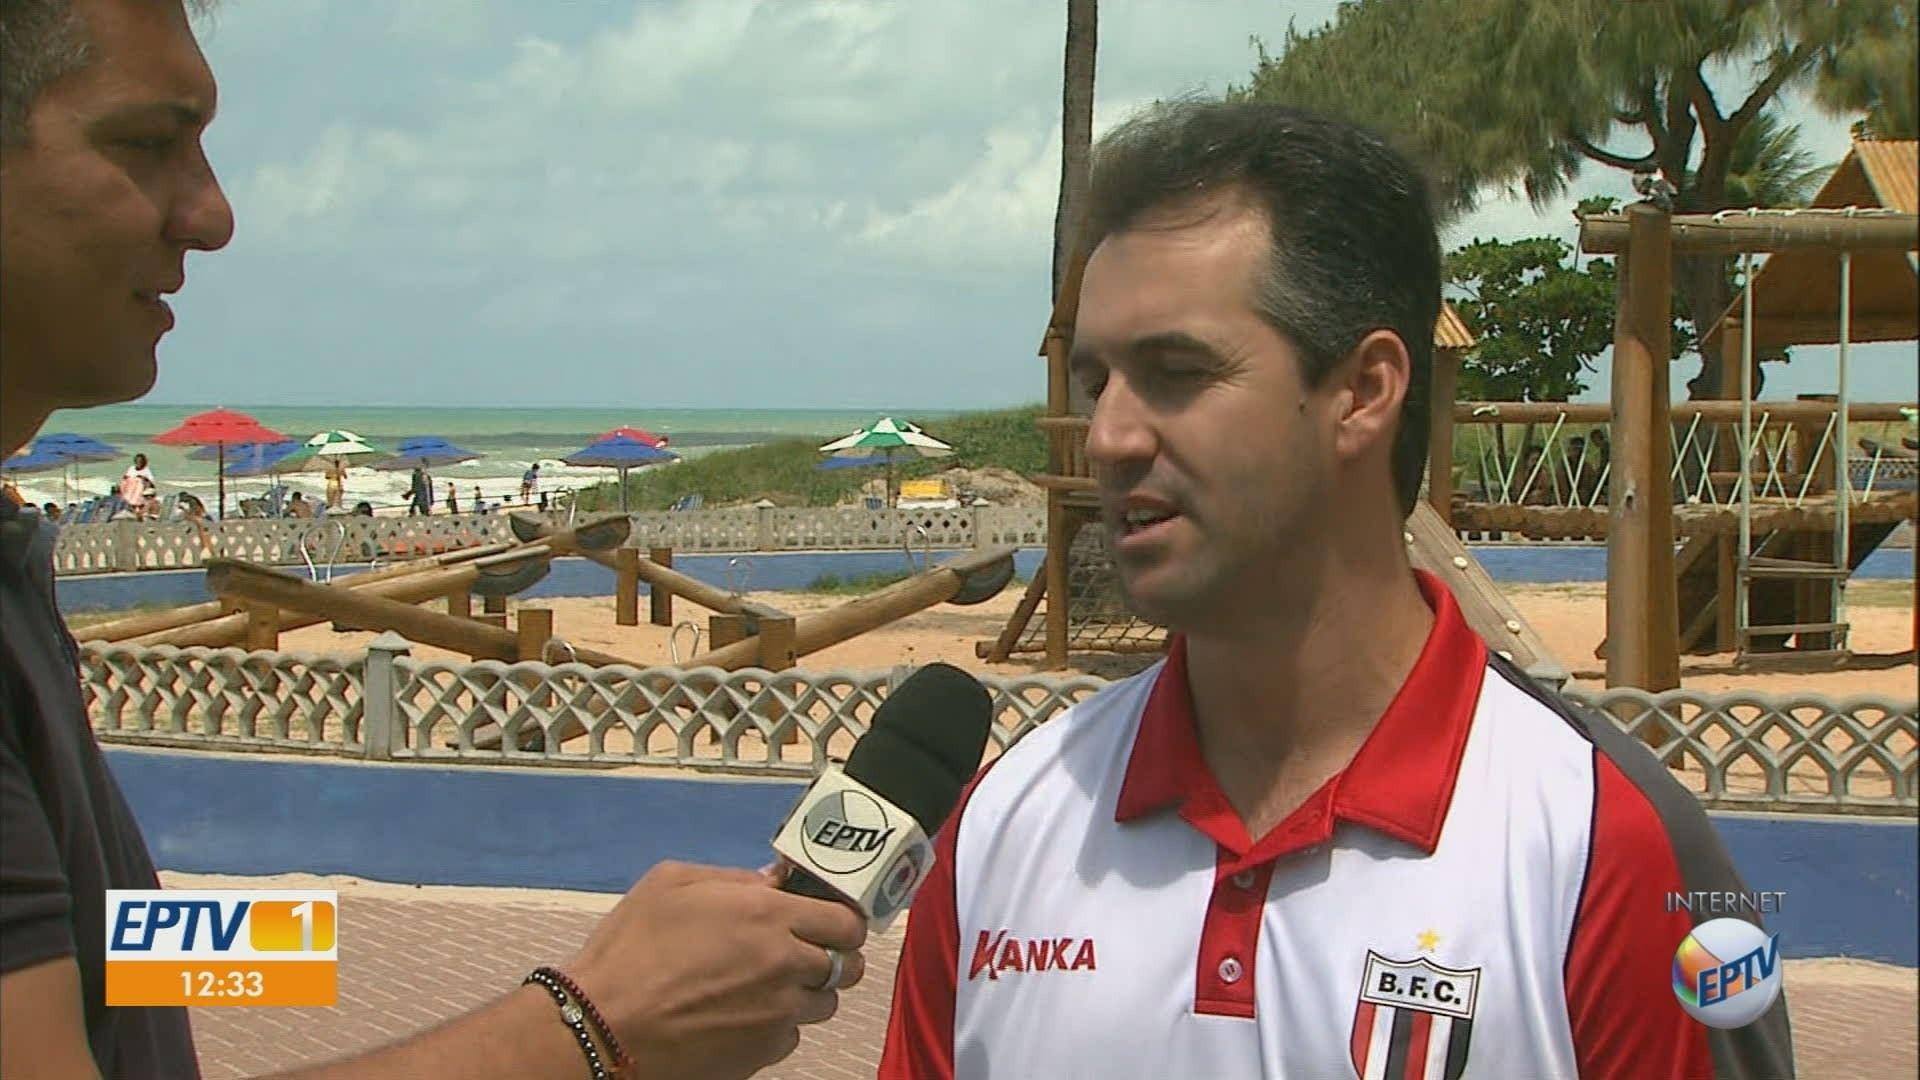 VÍDEOS: EPTV 1 Ribeirão Preto de sábado, 18 de agosto